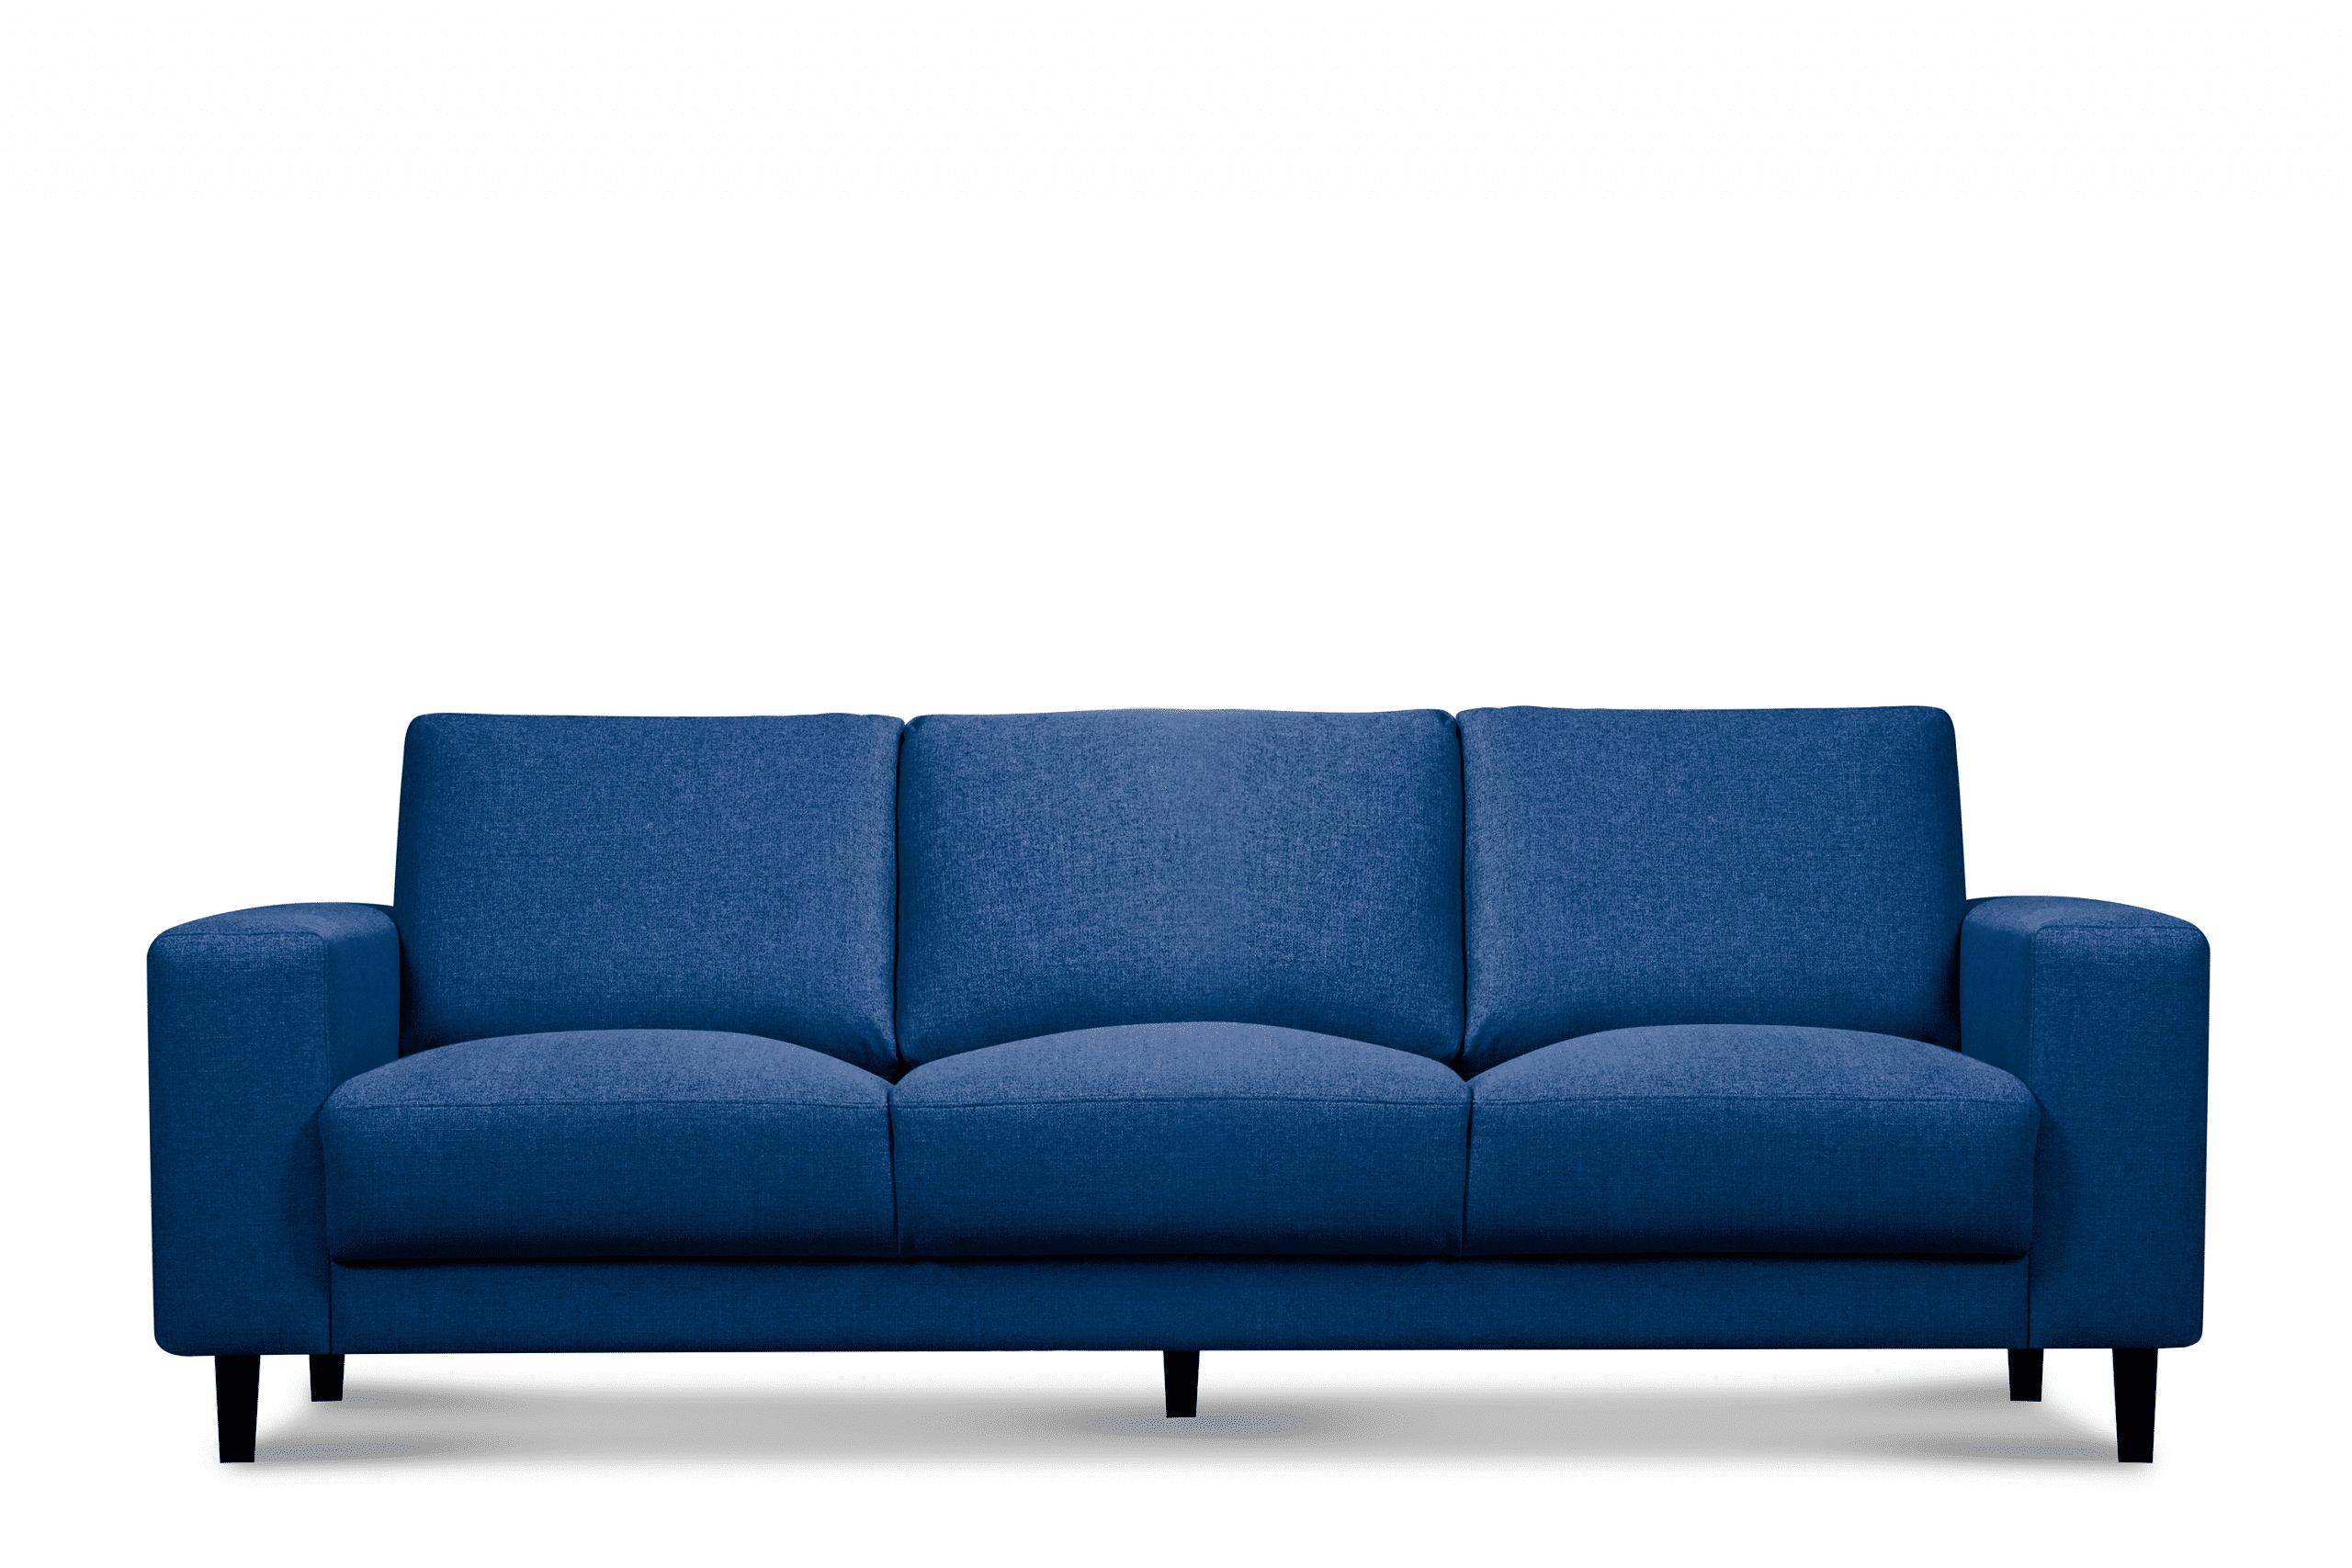 Nowoczesna sofa trzyosobowa na nóżkach niebieska